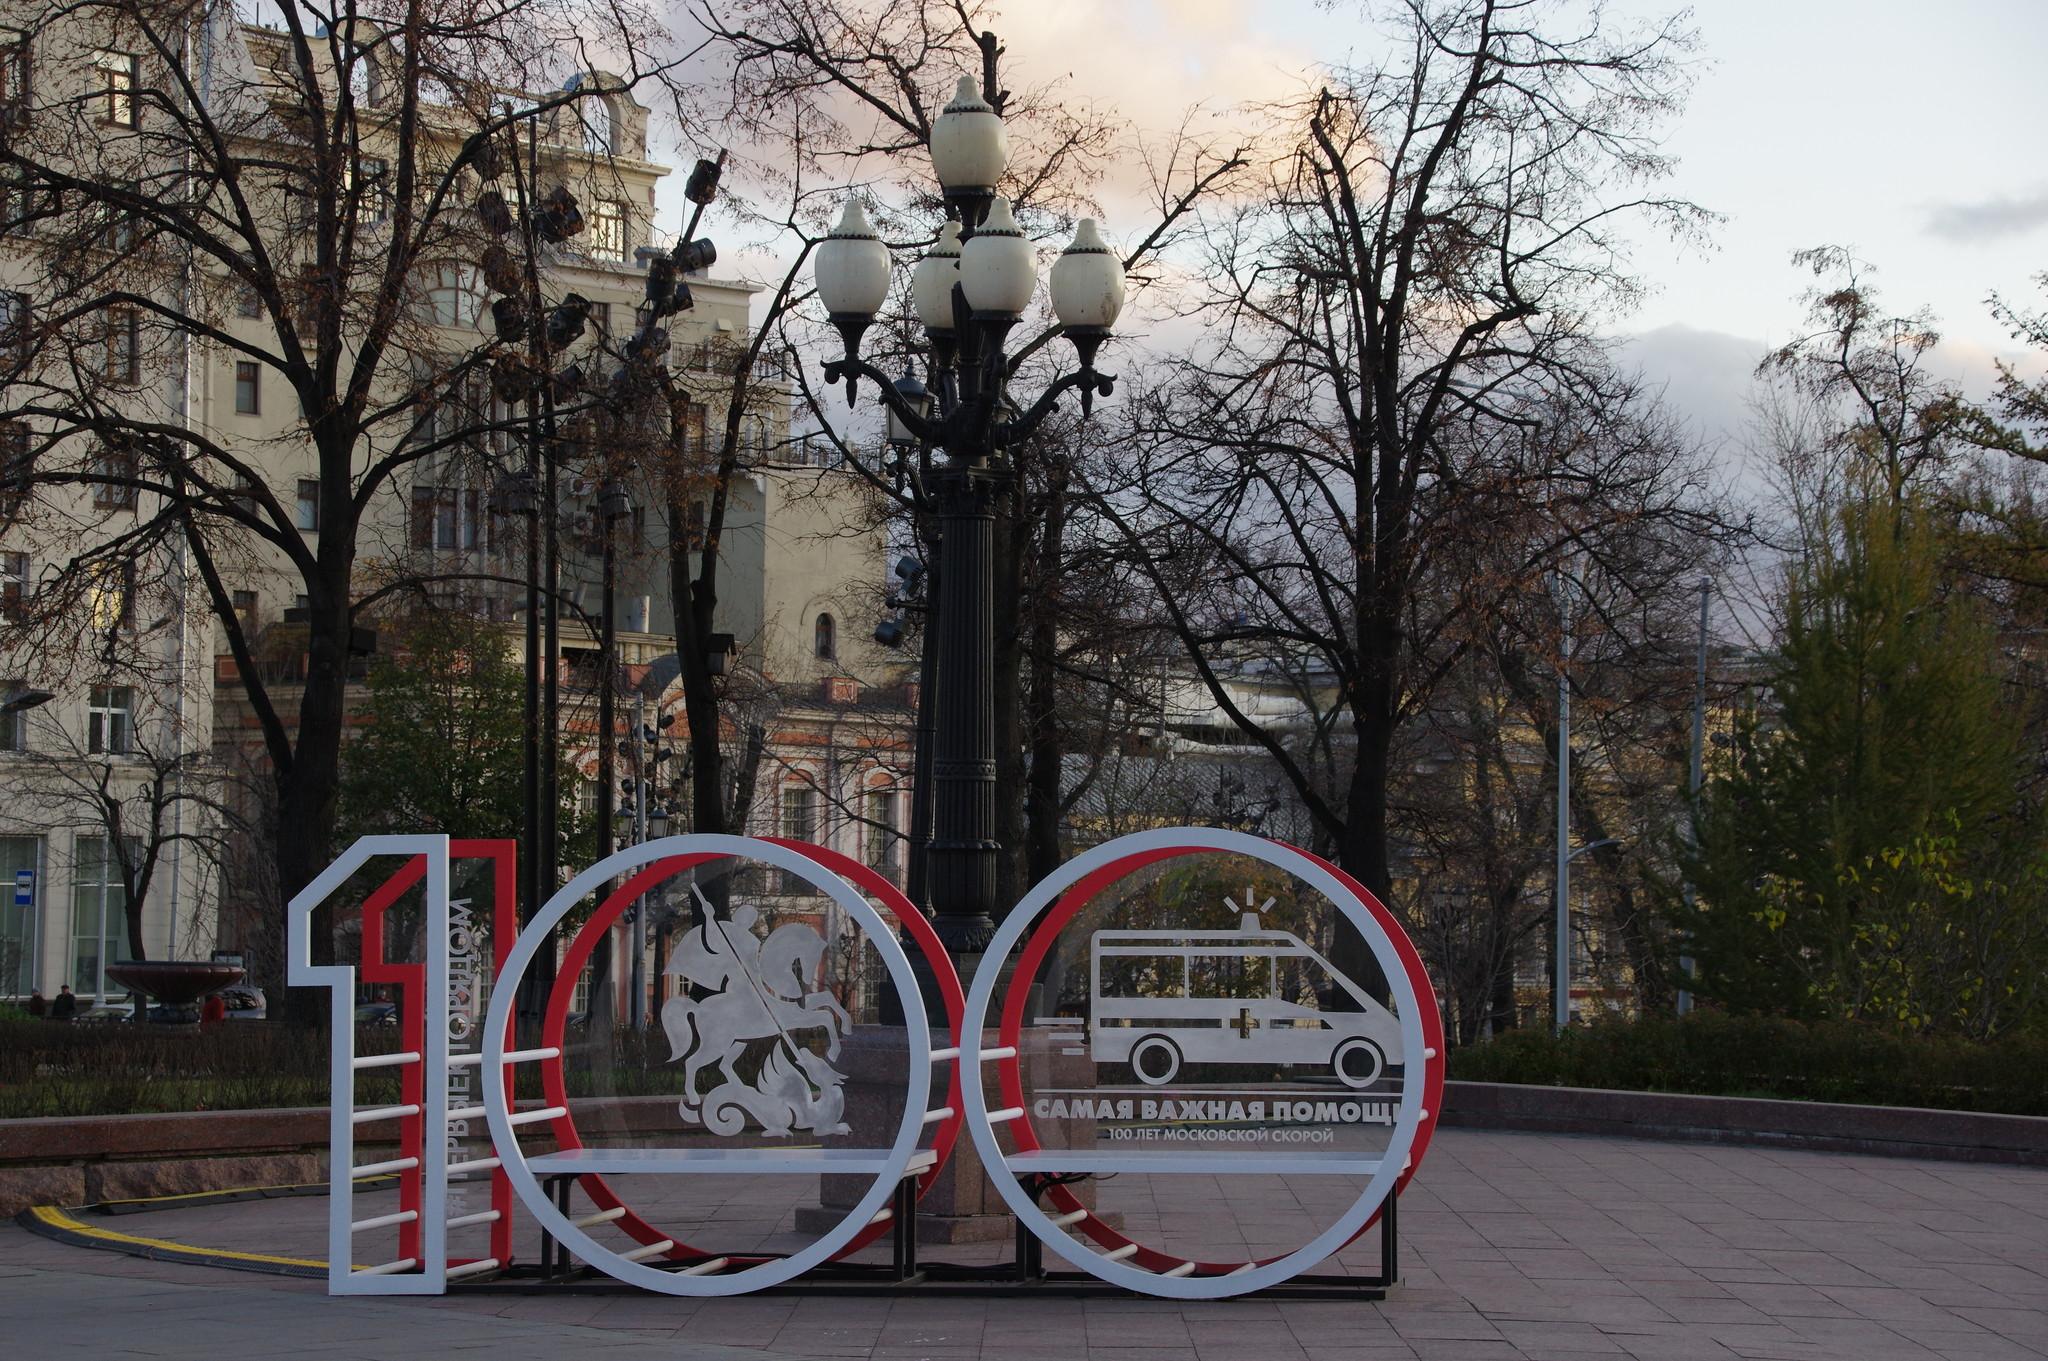 Арт-объект к 100-летию скорой помощи на территории Новопушкинского сквера